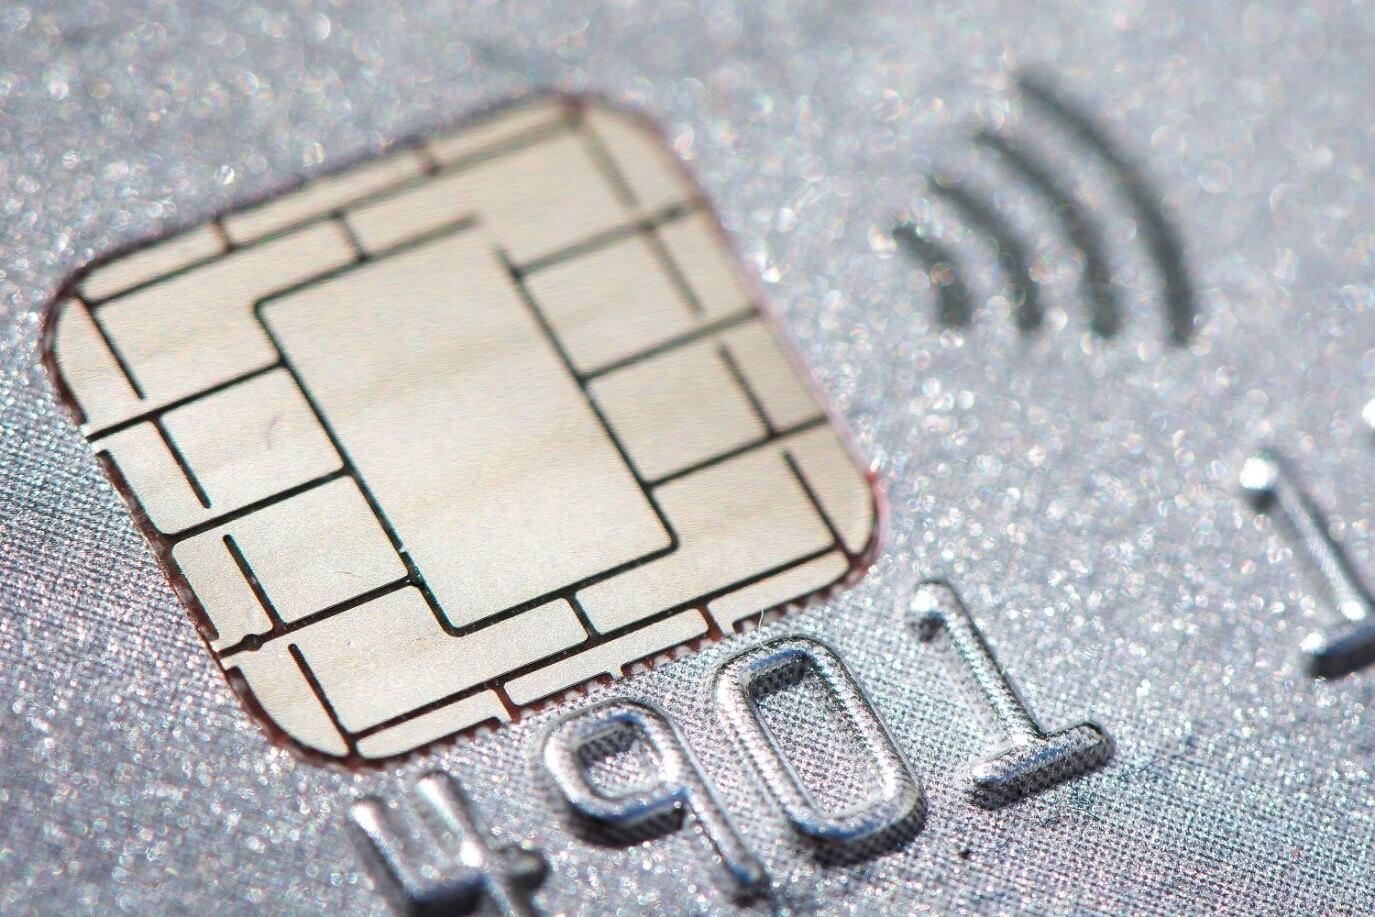 Облачный хостинг PCI DSS: Детали предоставления услуги